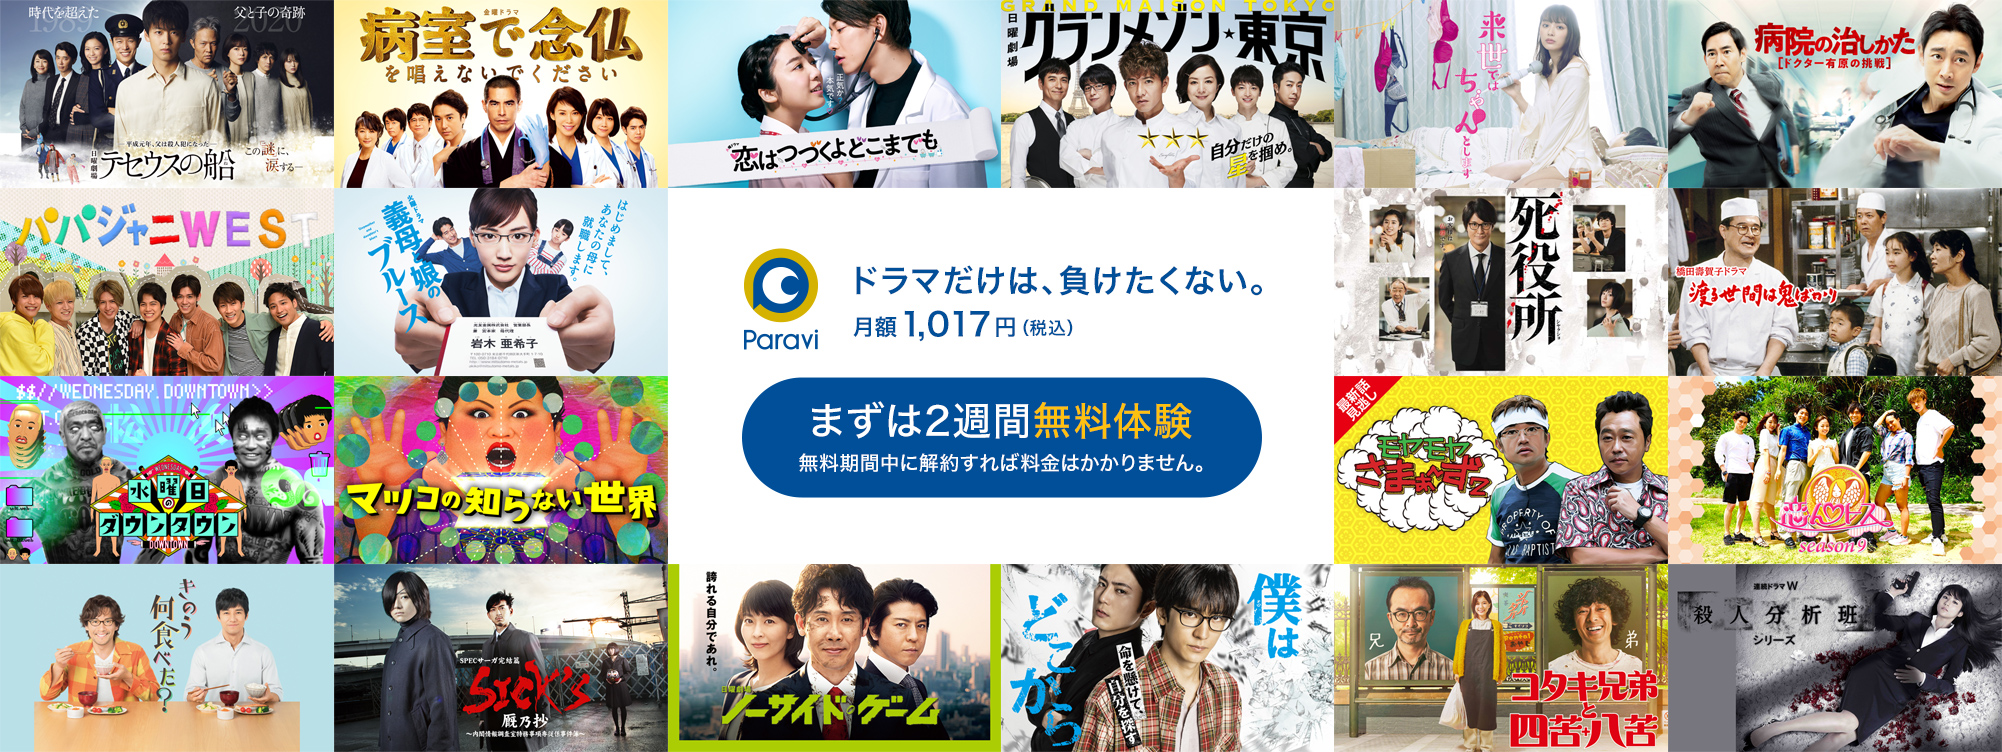 動画配信サービスのParavi(パラビ)で『ドラゴン桜』や『オレンジデイズ』などのドラマ34作品と、『ダイヤのA』『弱虫ペダル』などのアニメ8作品を無料配信中。~3/31。